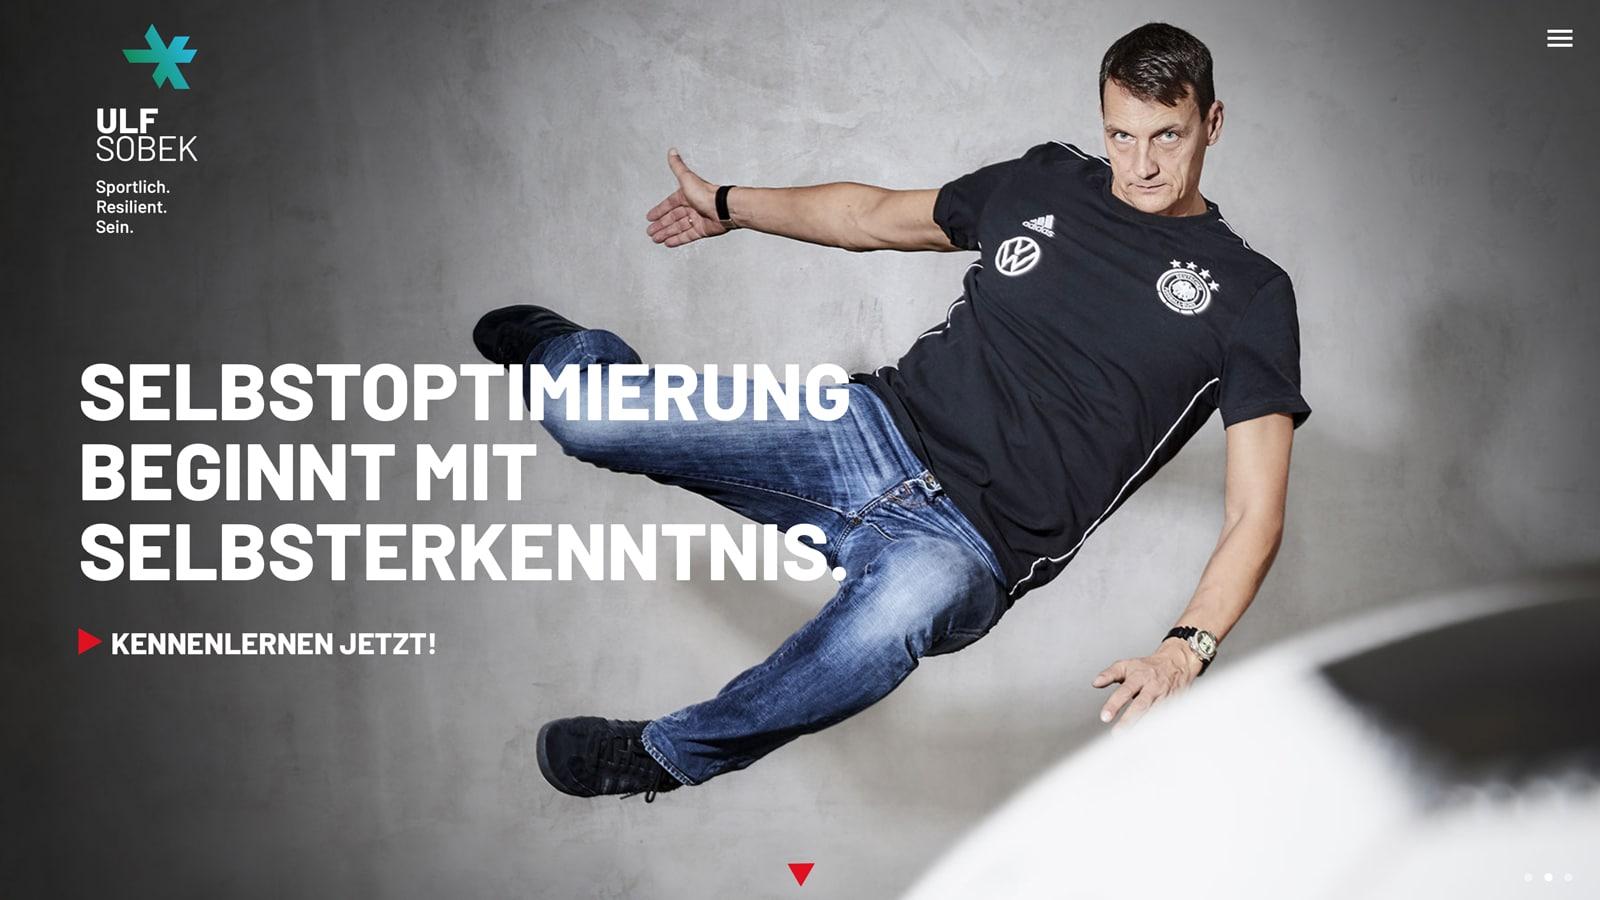 Webdesign für DFB Trainer